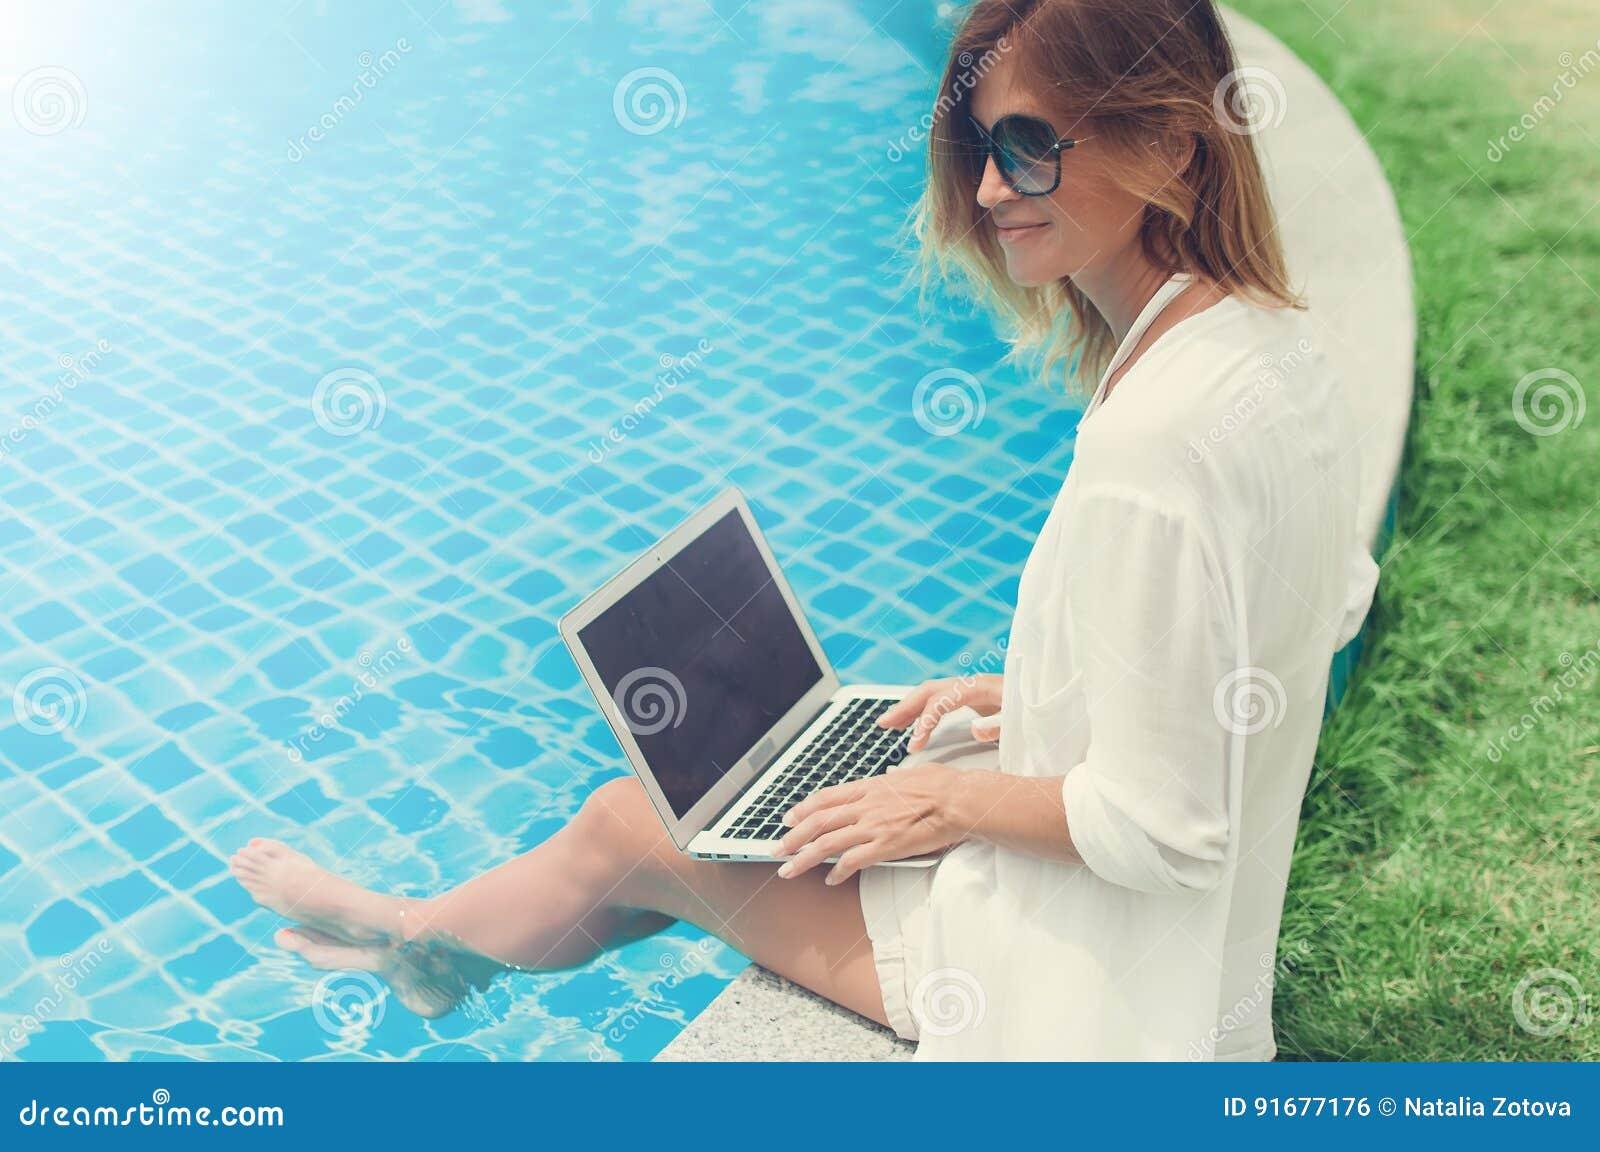 e822c2f83de6 Frau, Die An Ihrer Laptop-Computer Sitzt Am Poolside Arbeitet ...